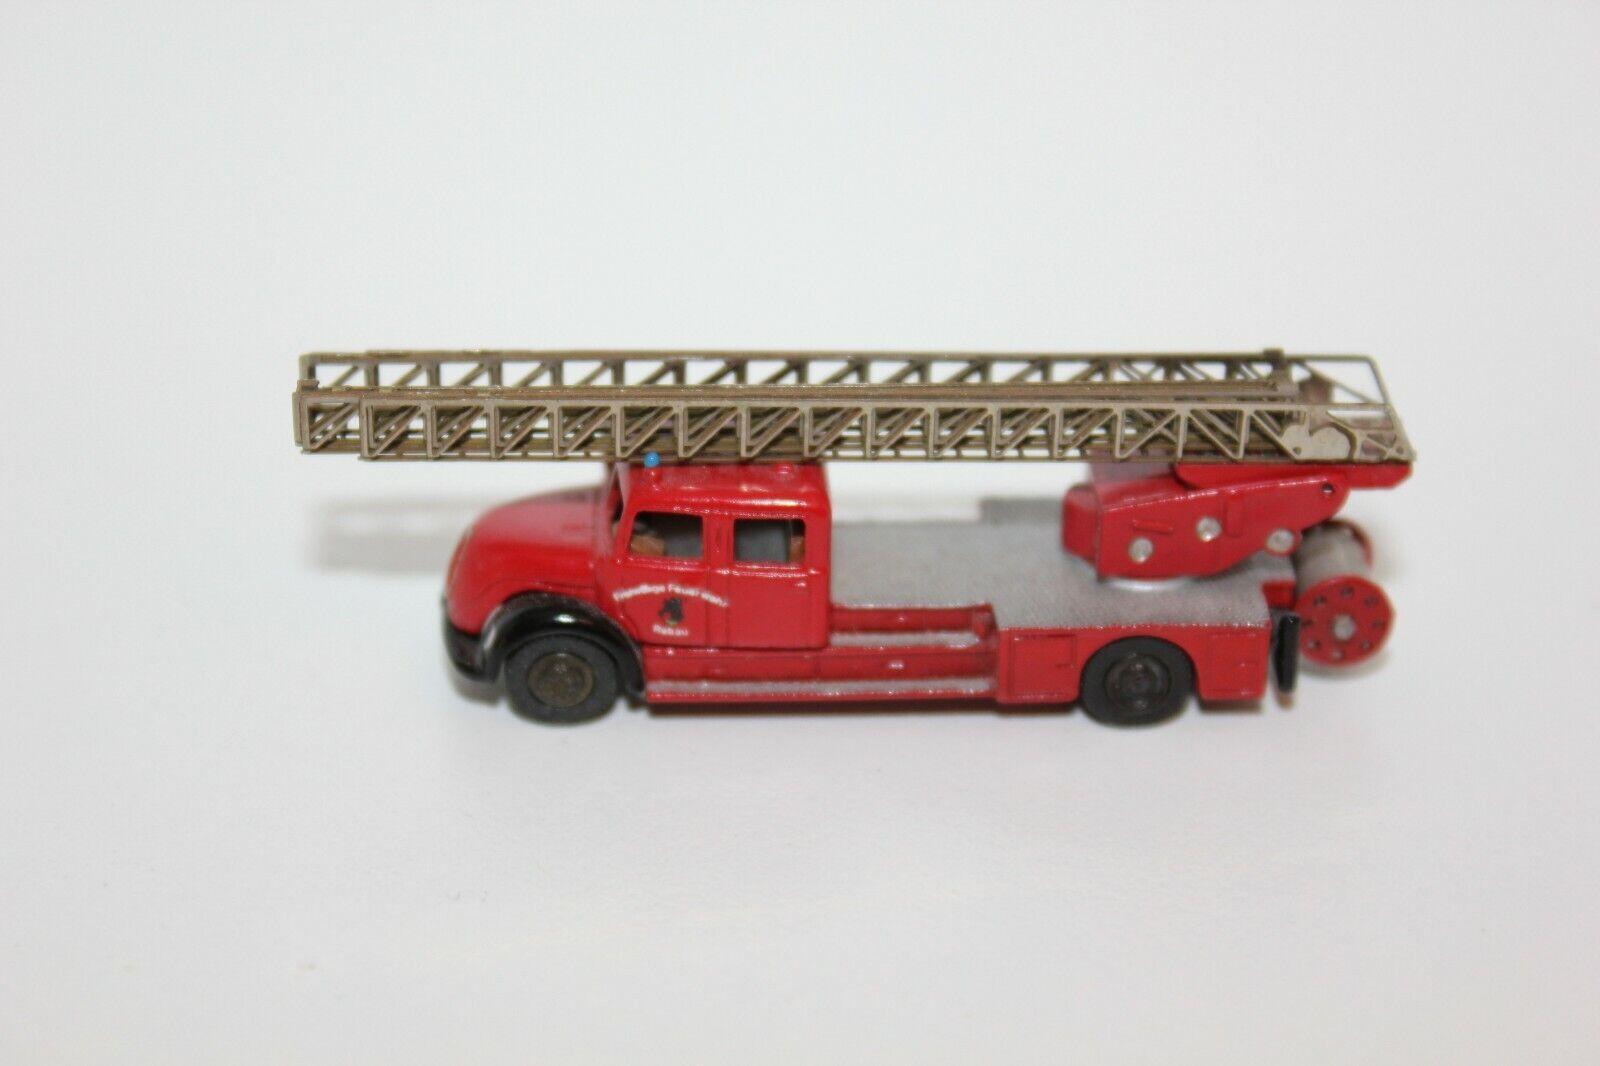 Marks N Feuerwehr Magirus DL 25 H Rundhauber doppelkabine Drehleiter, aus Metall